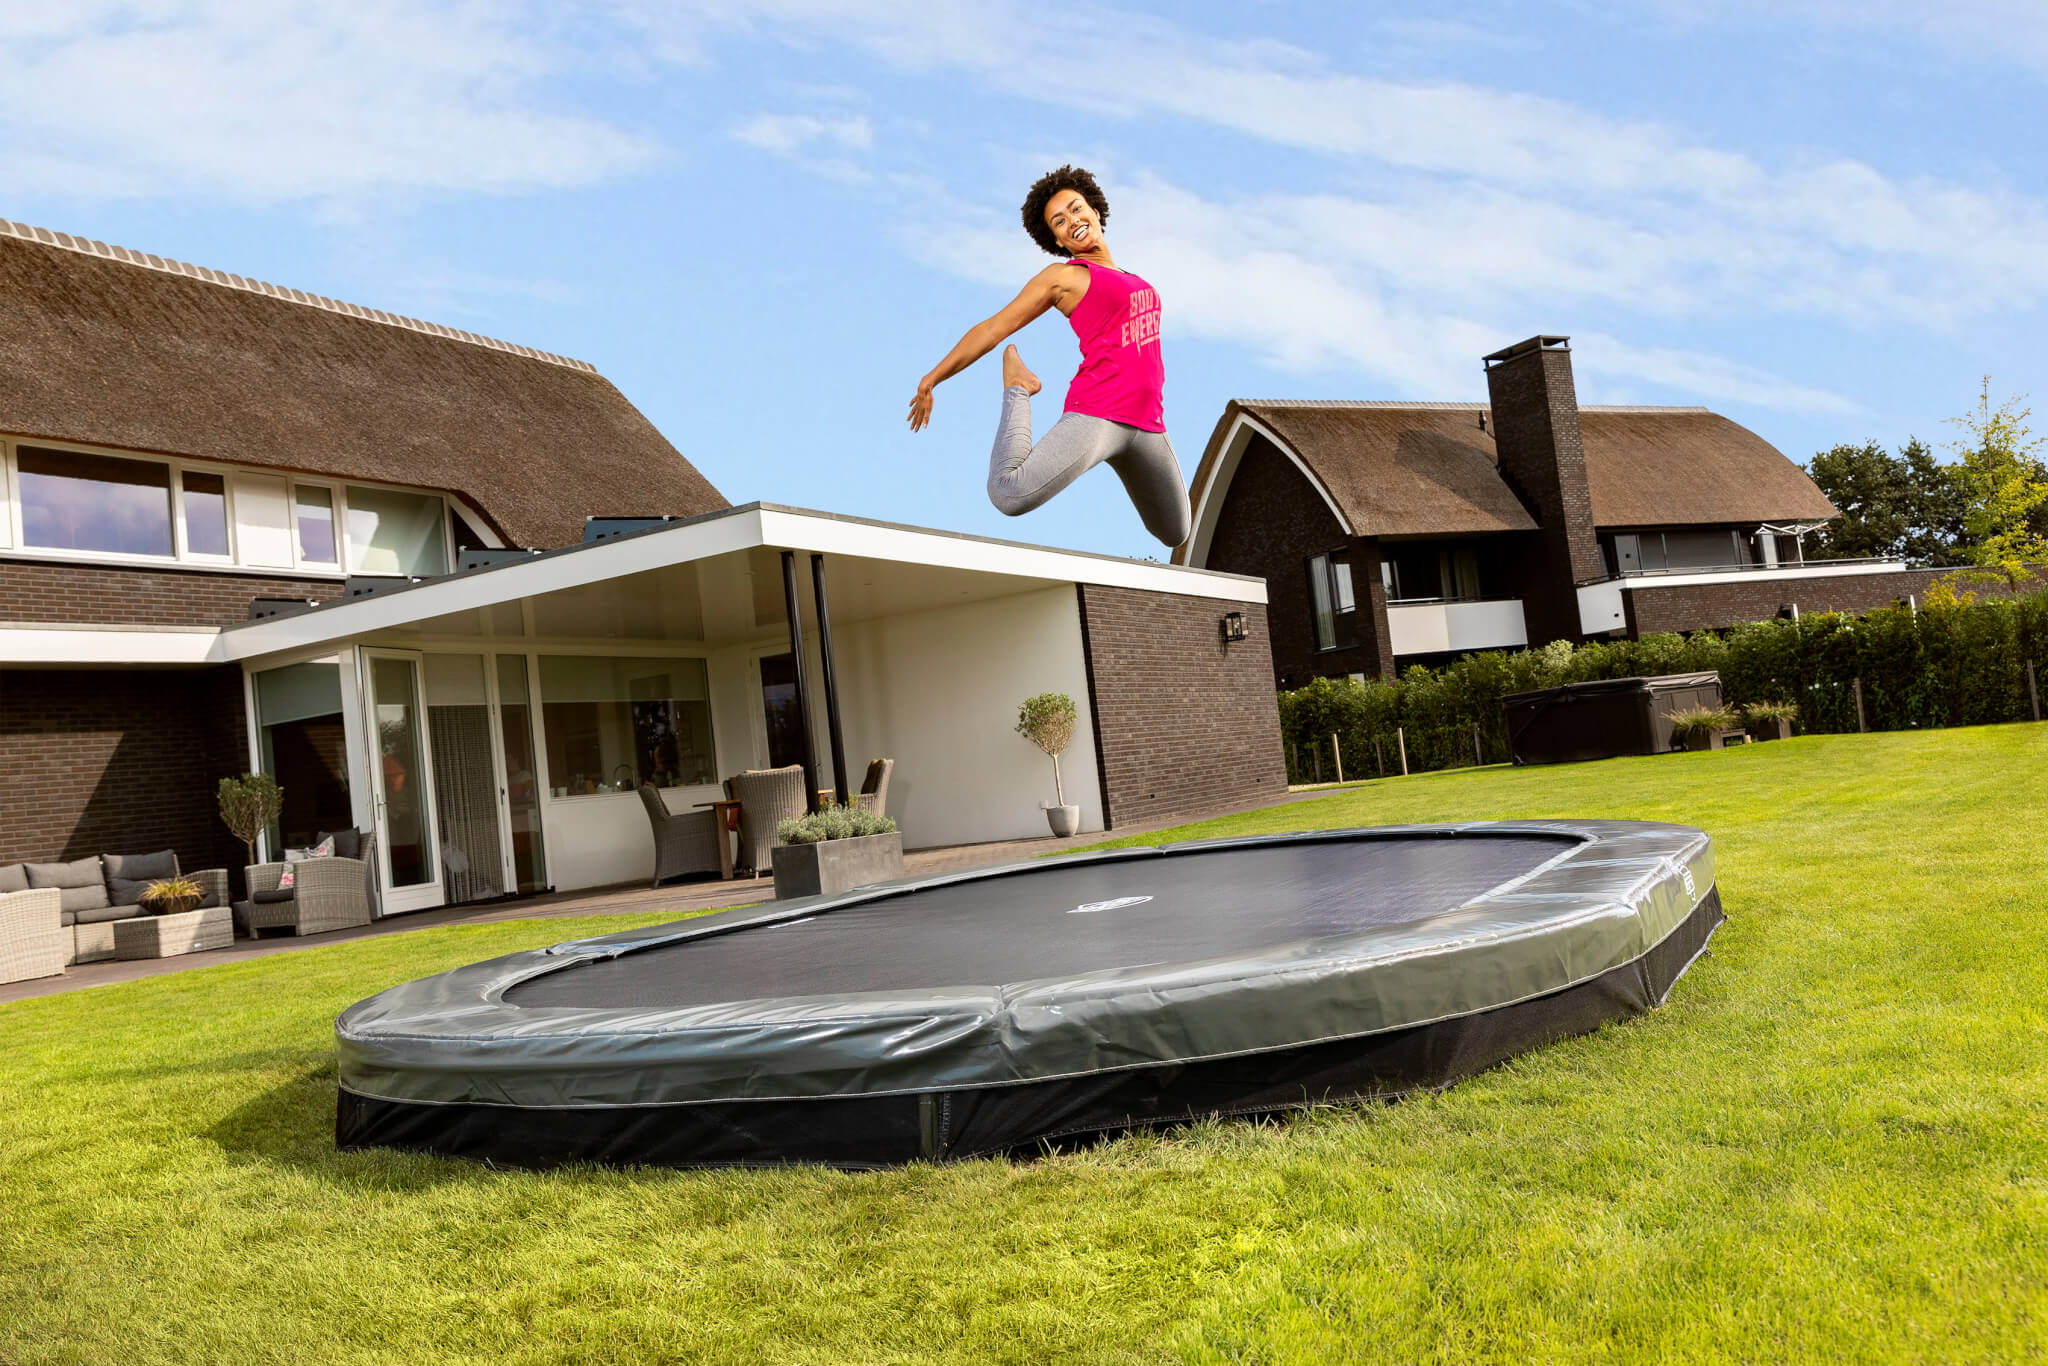 29.06.2019: Trampolin und Gokart Superpreis beim LAGERVERKAUF - trampolin-profi.de